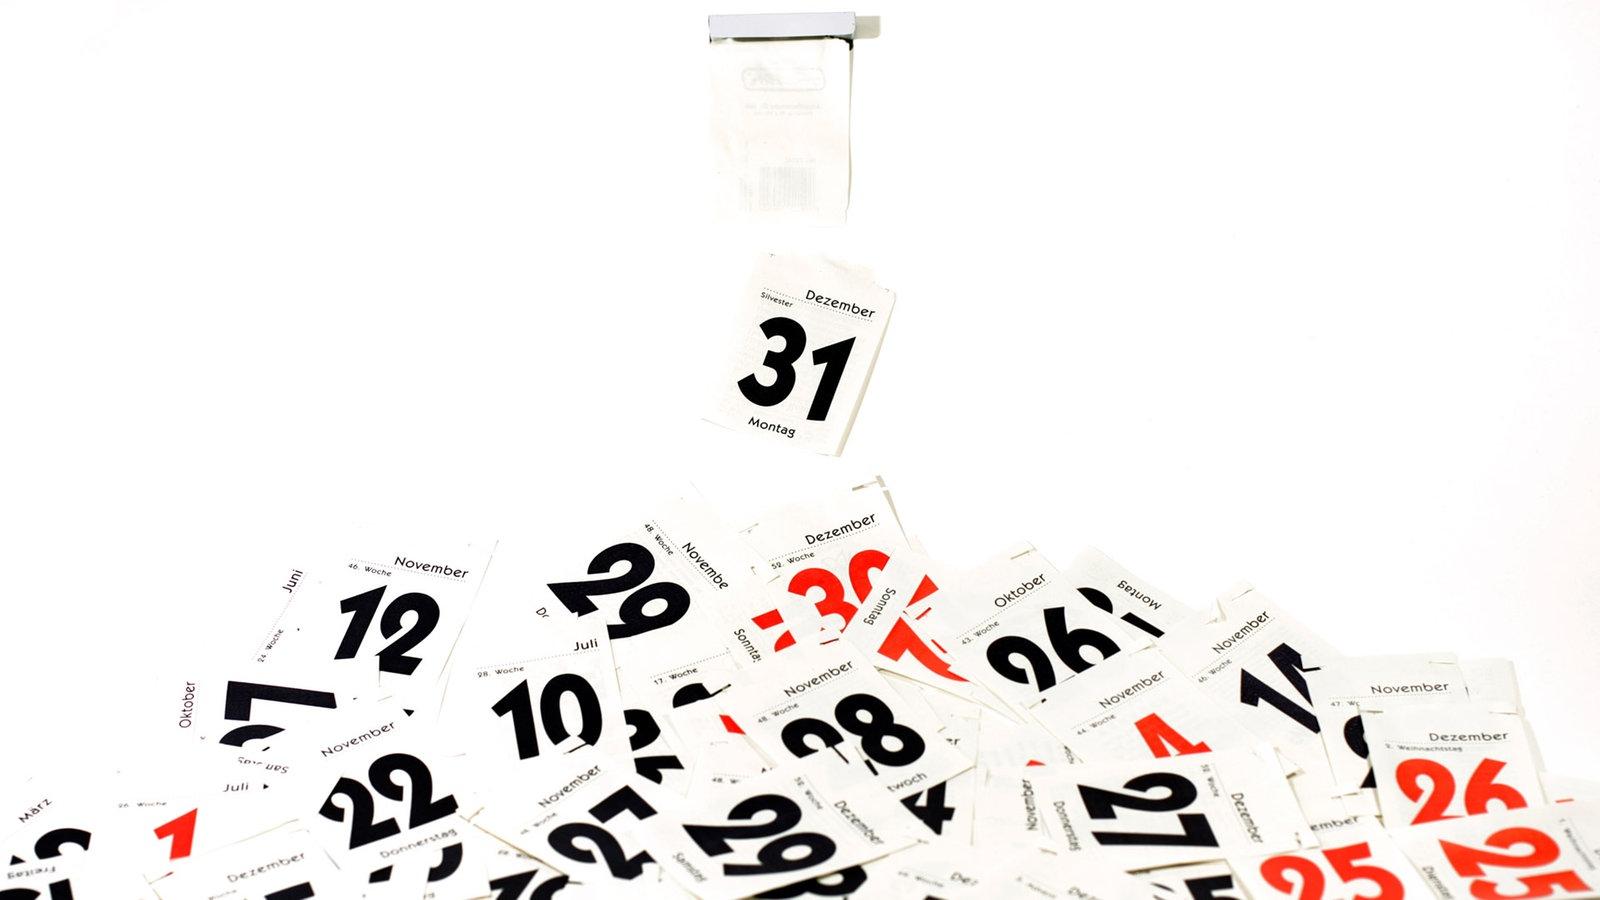 kalender eckdaten zur kalendergeschichte ordnungssysteme gesellschaft planet wissen. Black Bedroom Furniture Sets. Home Design Ideas